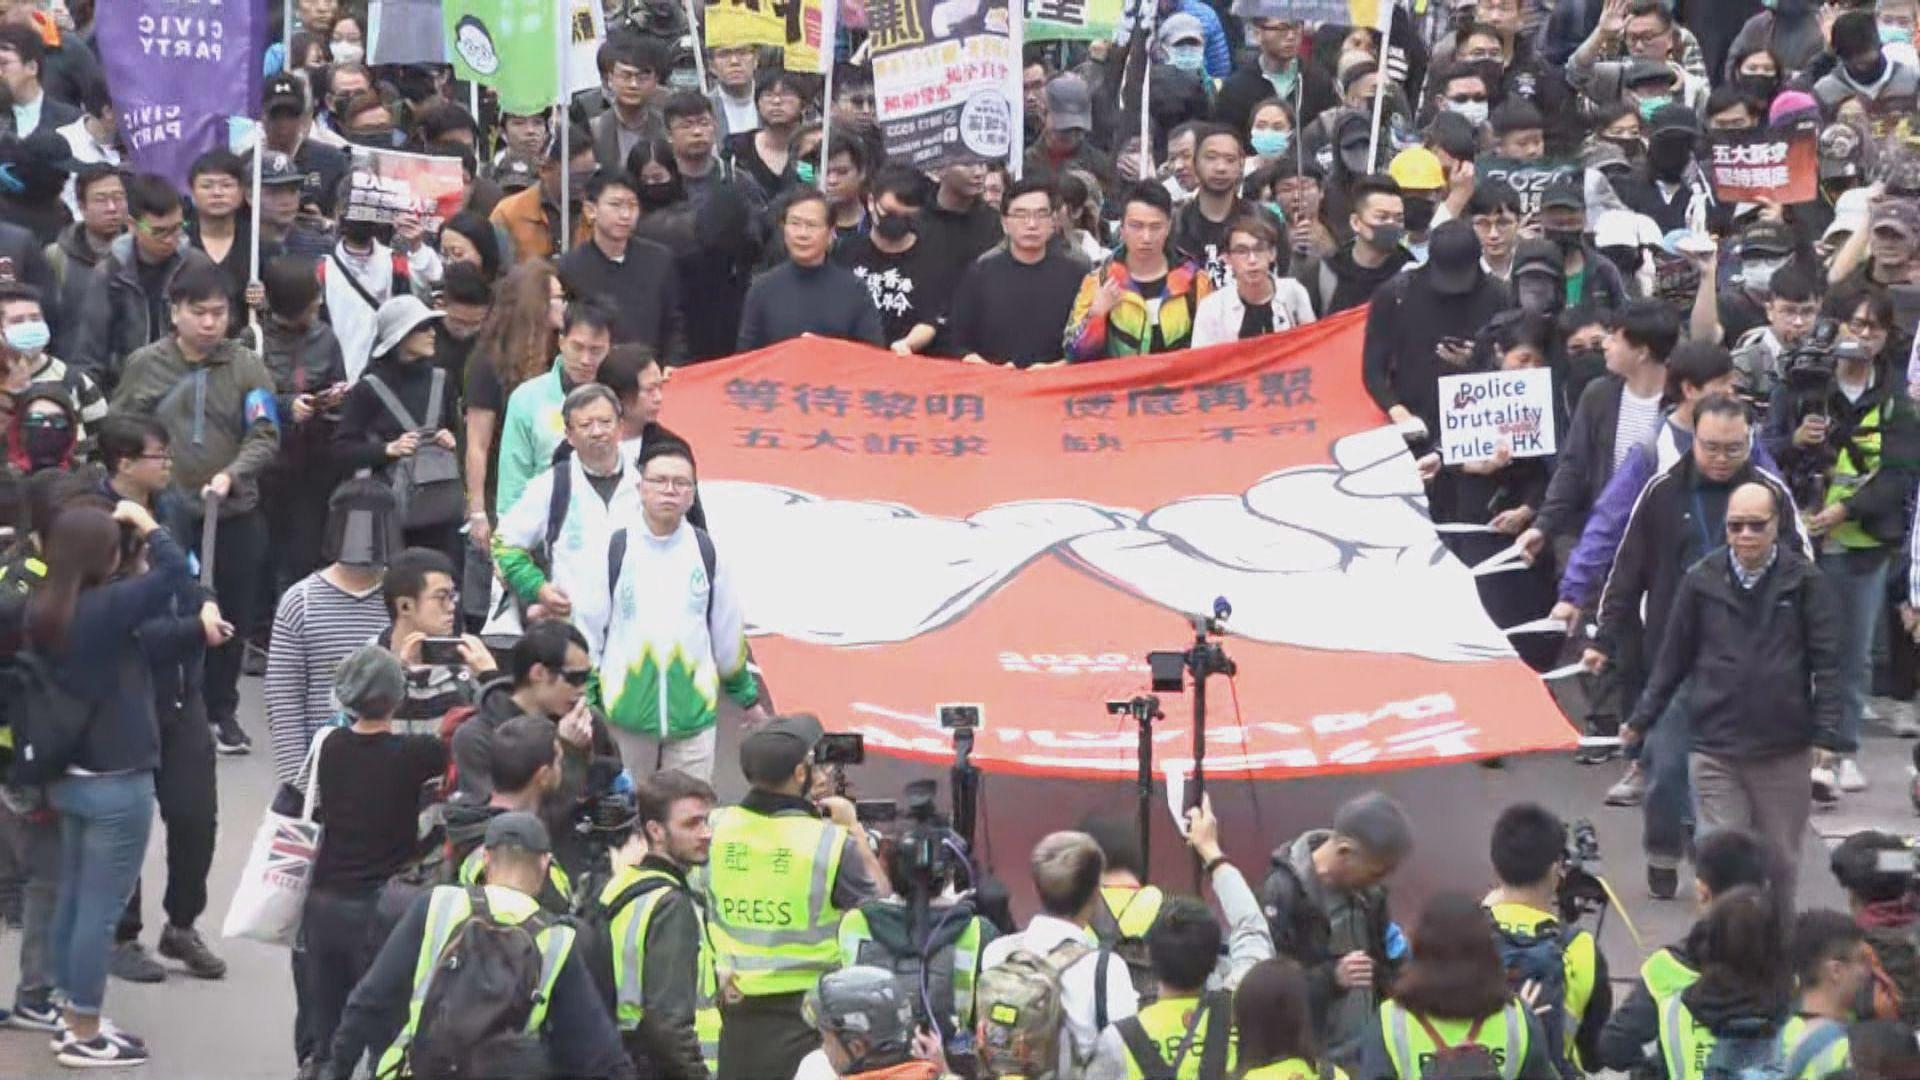 民陣遊行提早出發 市民批警隊濫暴不應加薪